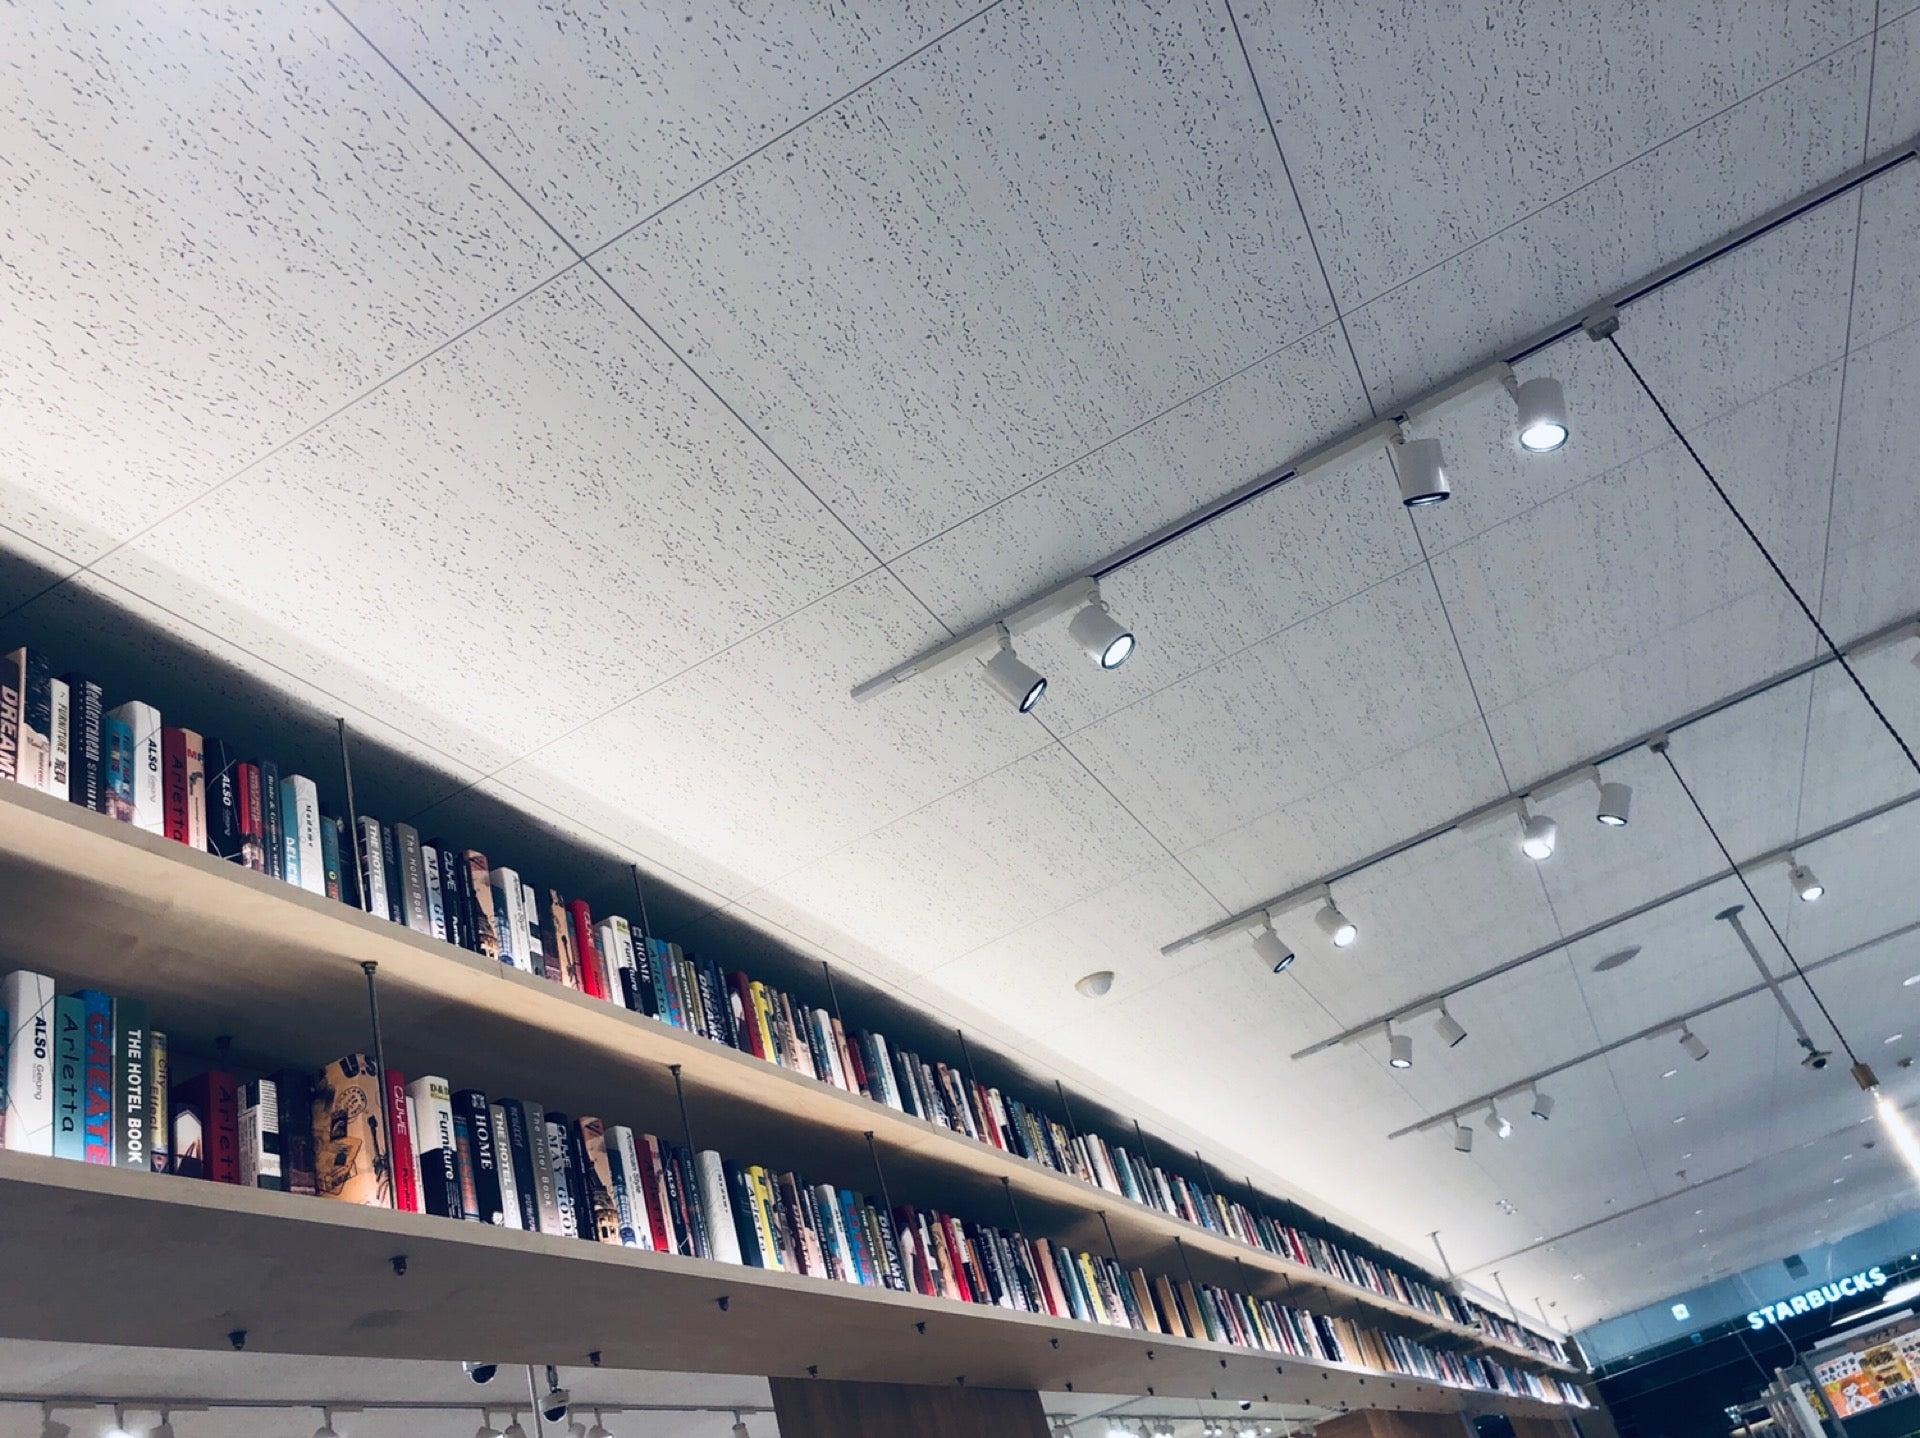 本みたいなのがたくさん並んでるけど中身が無くて飾りっぽい。 (@ TSUTAYA 春日井店 in 春日井市, 愛知県) https://t.co/qt1Jh1FJI2 https://t.co/9ZiPMrSEBY